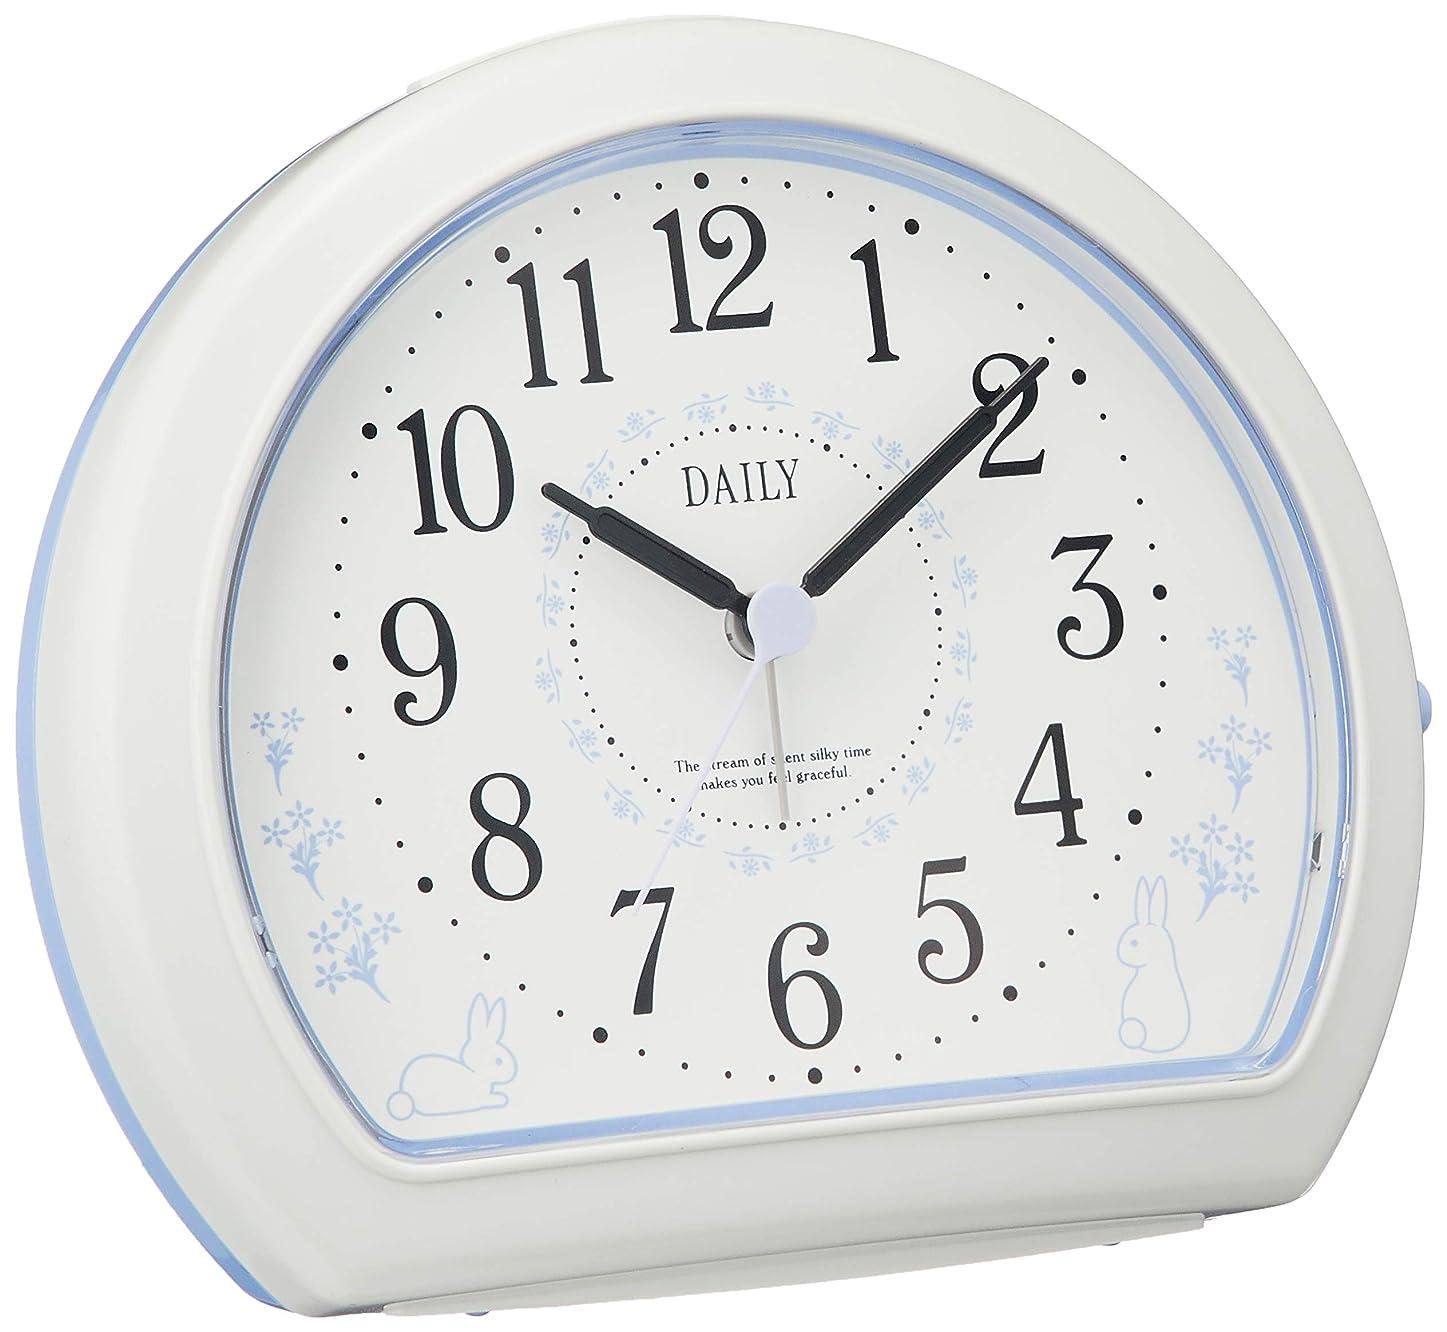 記念日ゾーンドメインリズム時計 クォーツ 目覚まし時計 アナログ デイリー R550 電子音 うさぎ 柄 白 DAILY (デイリー) 4SE550DN12